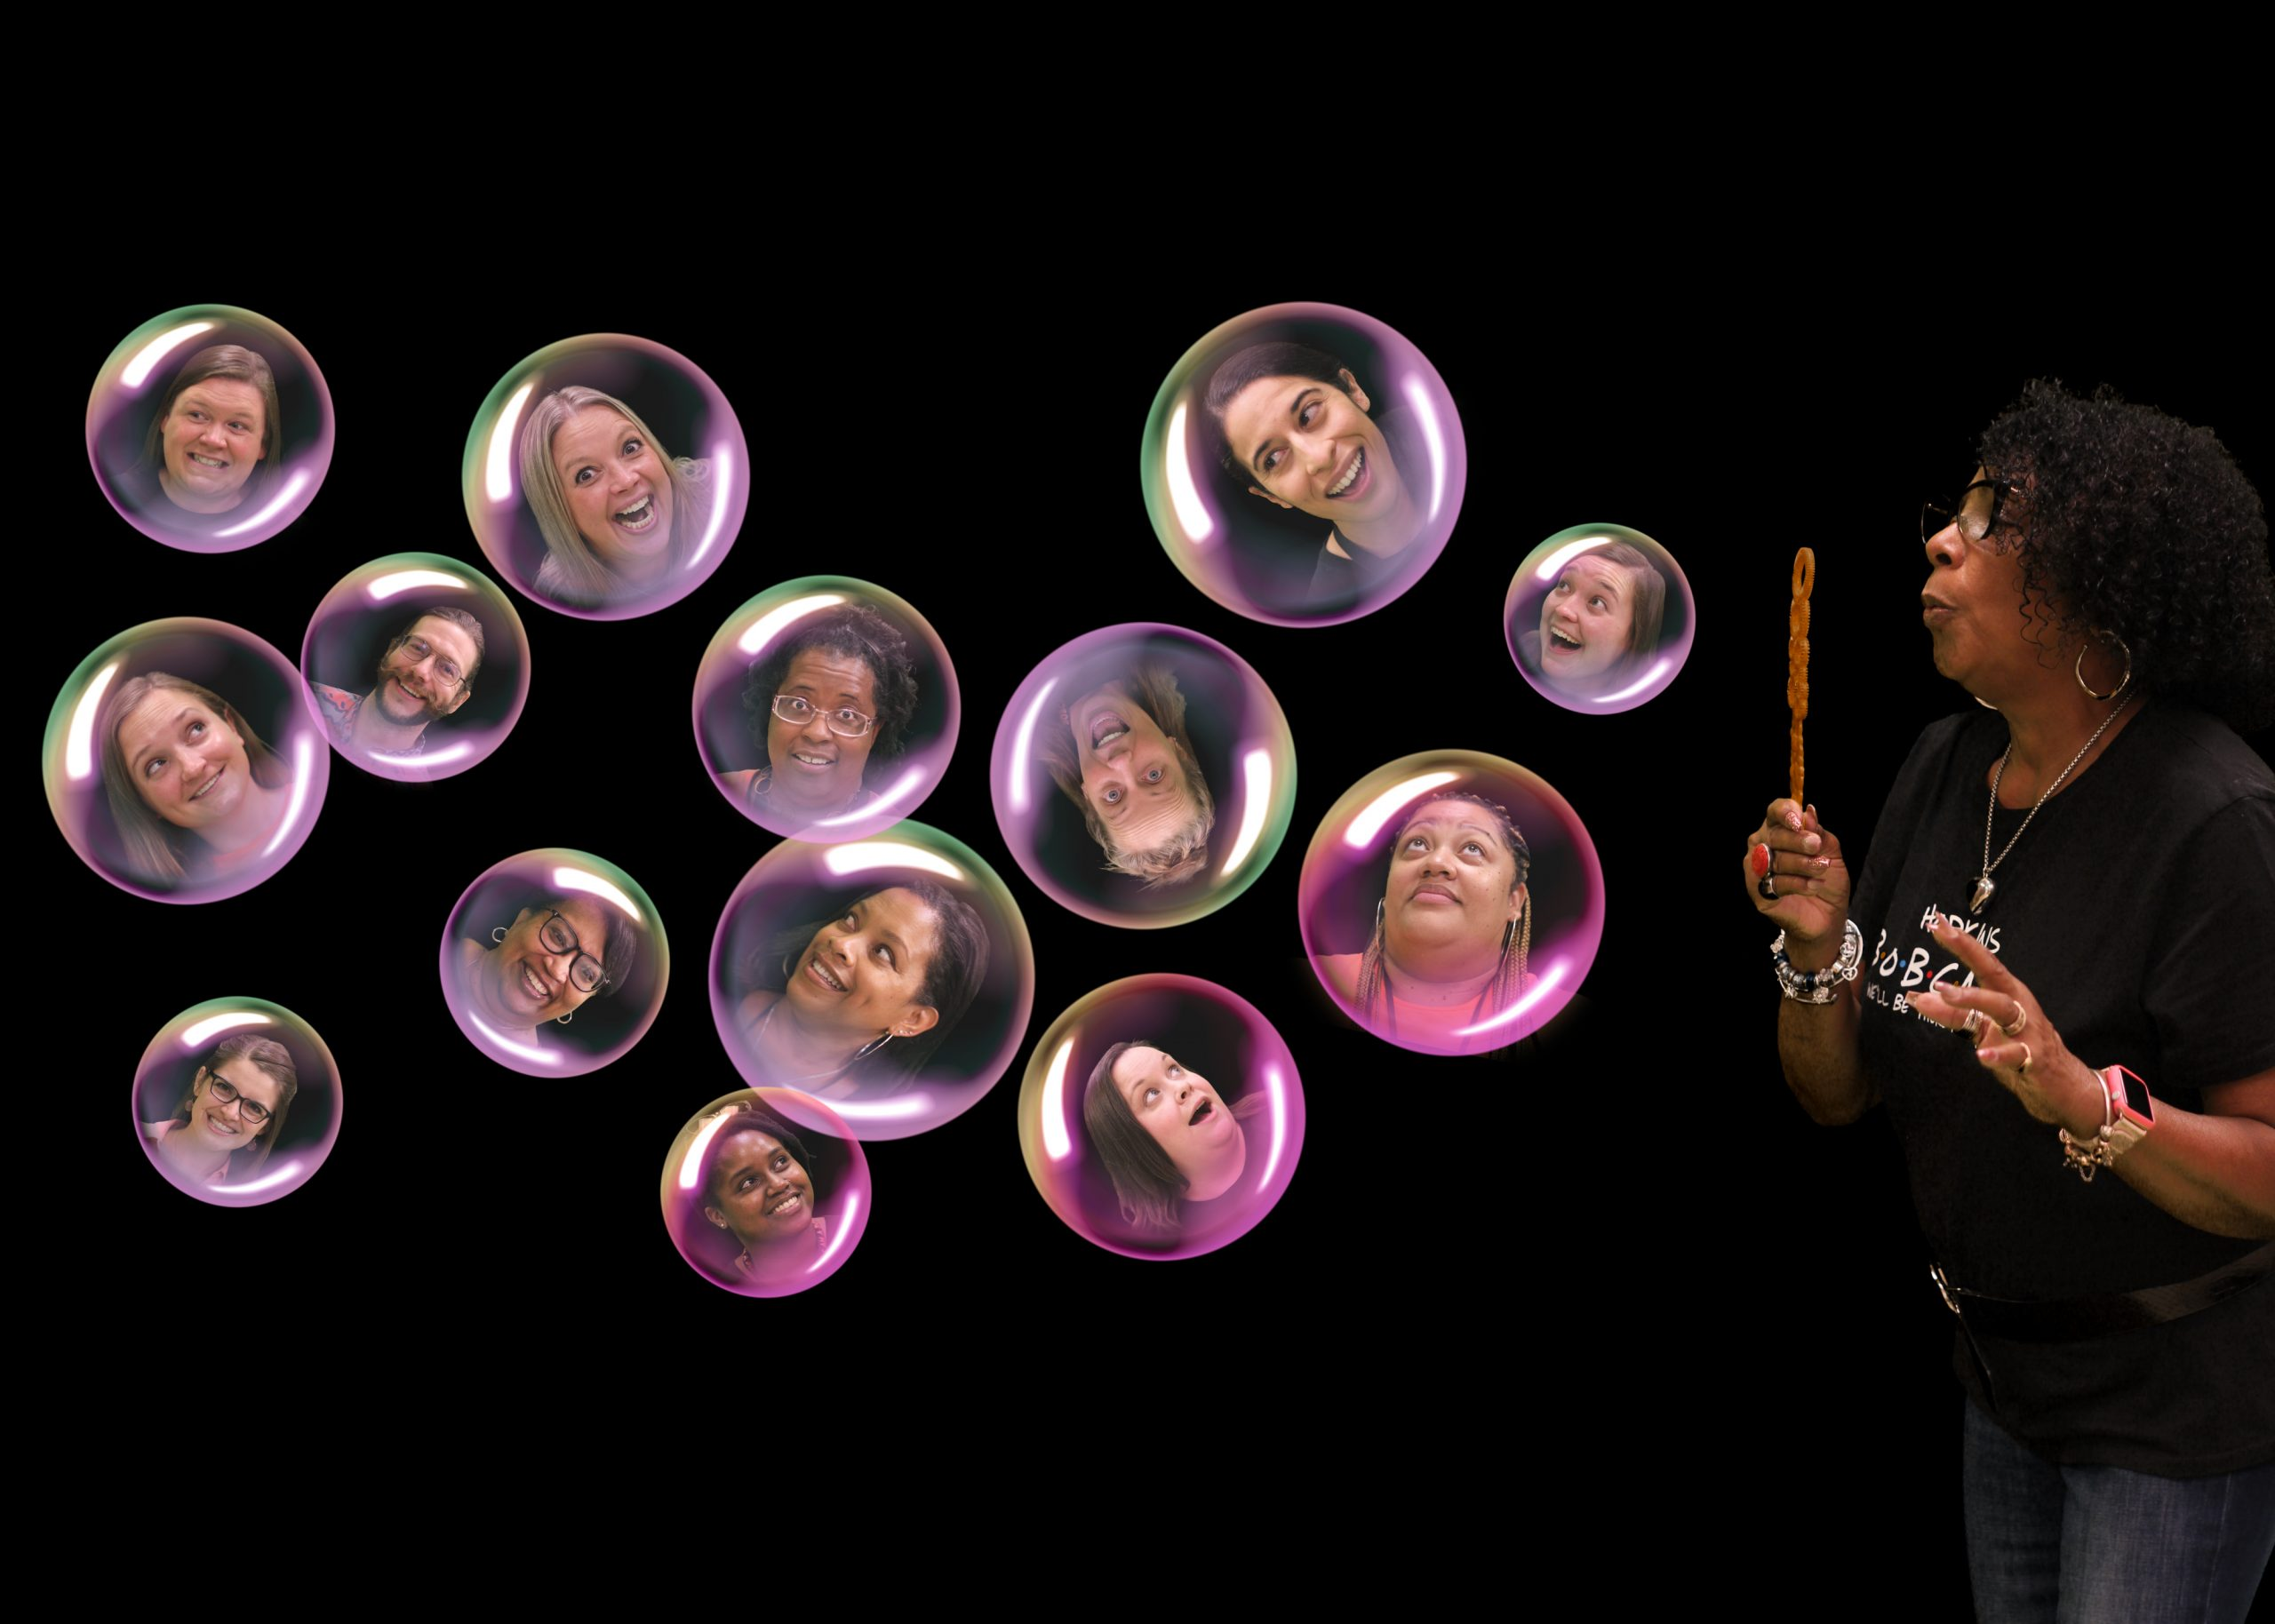 Teacher heads in bubbles.